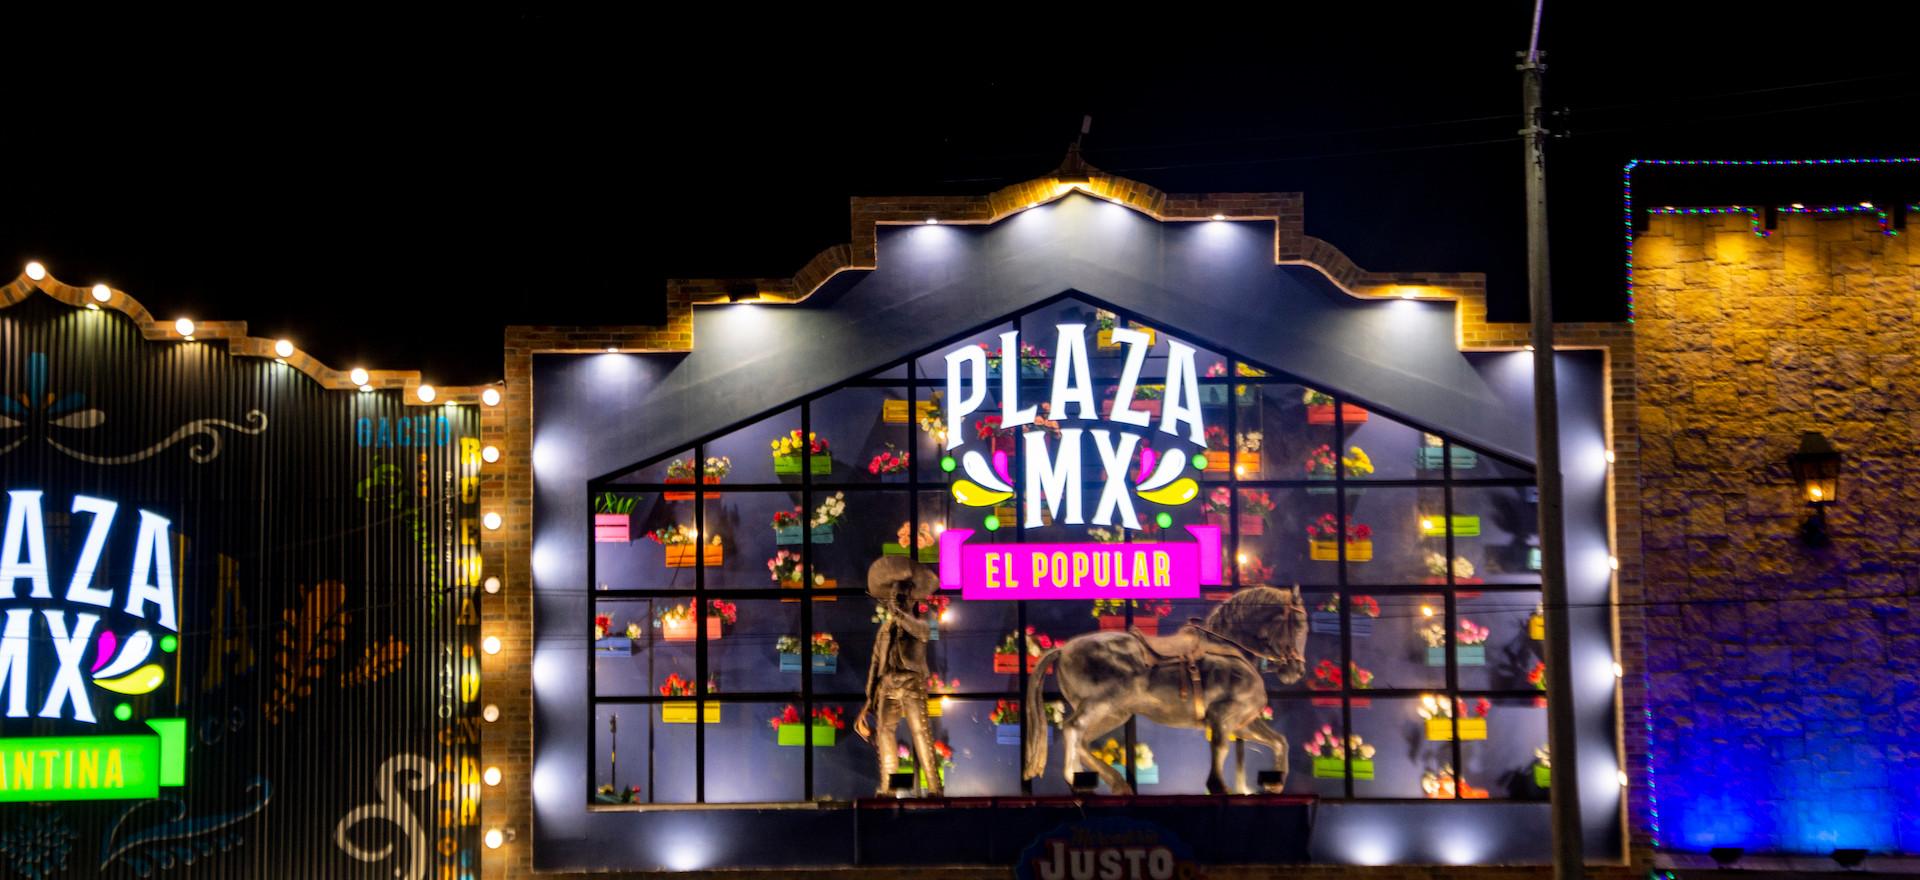 Plaza MX El Popular